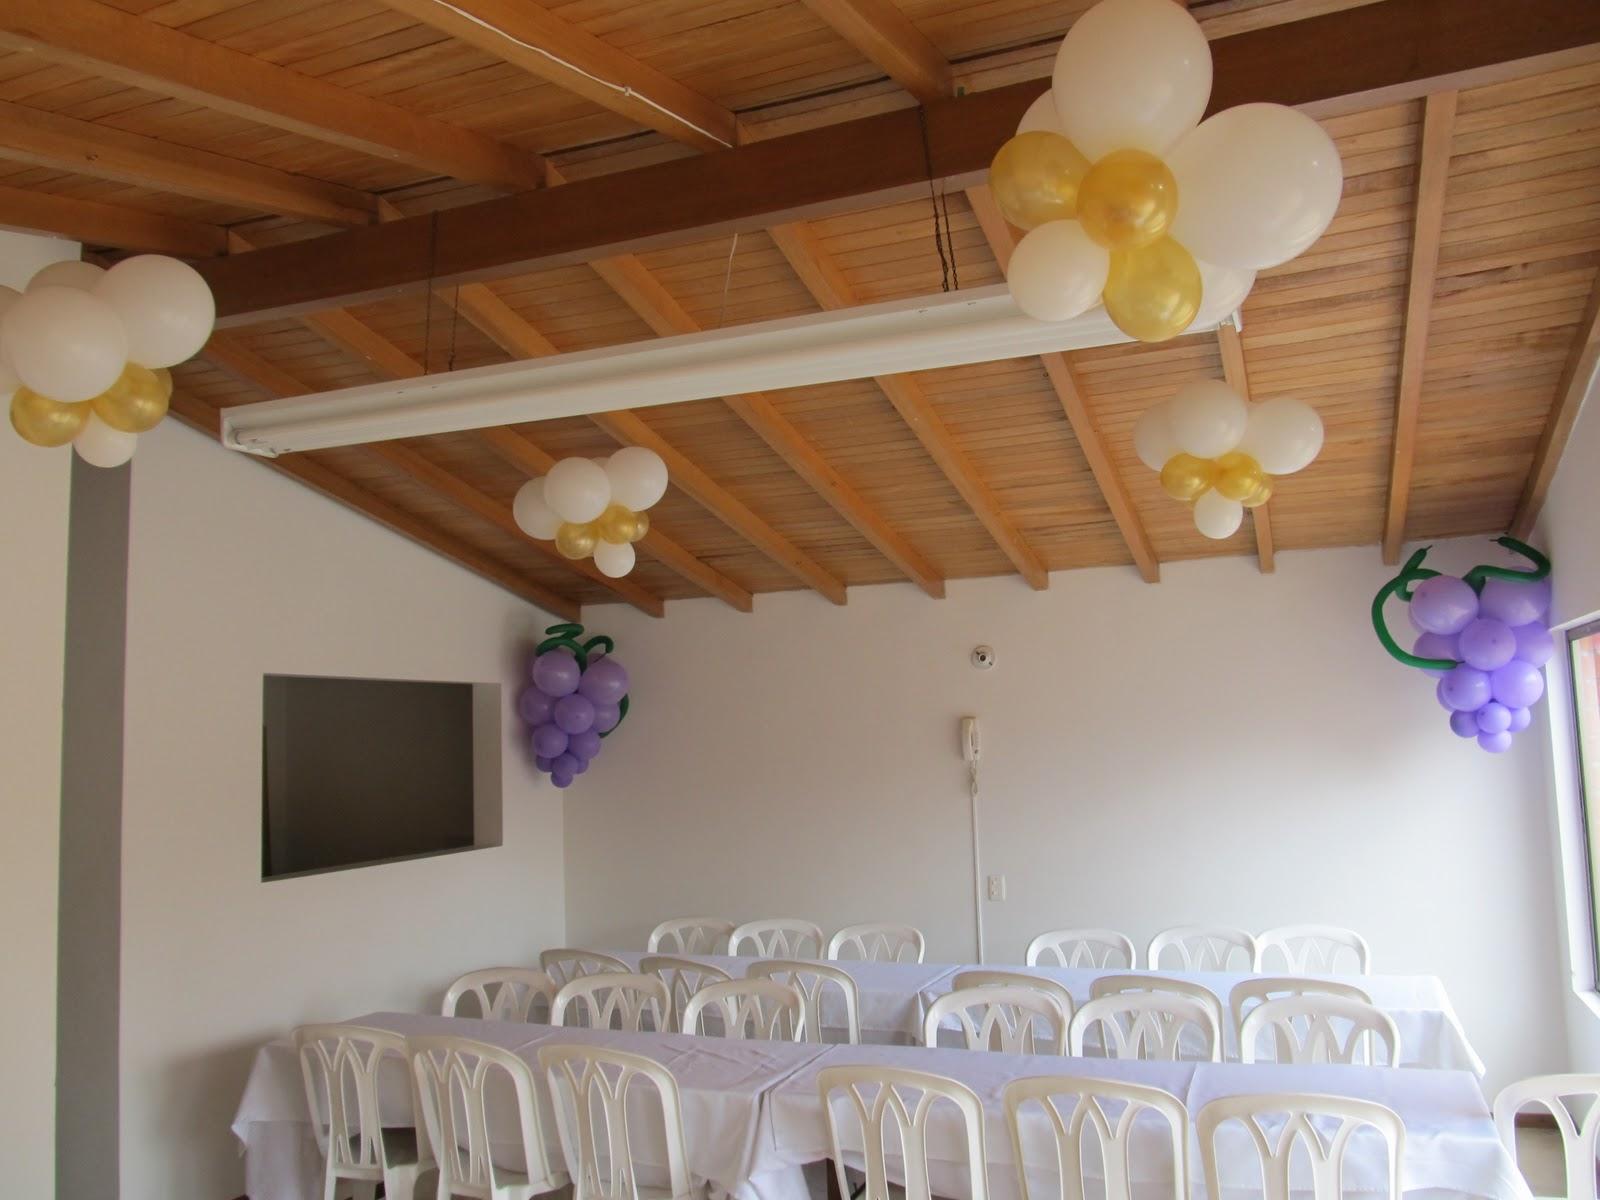 Fiestas primera comunion fiestas tematicas infantiles medellin revoltosos recreaciones - Decoracion para primera comunion ...